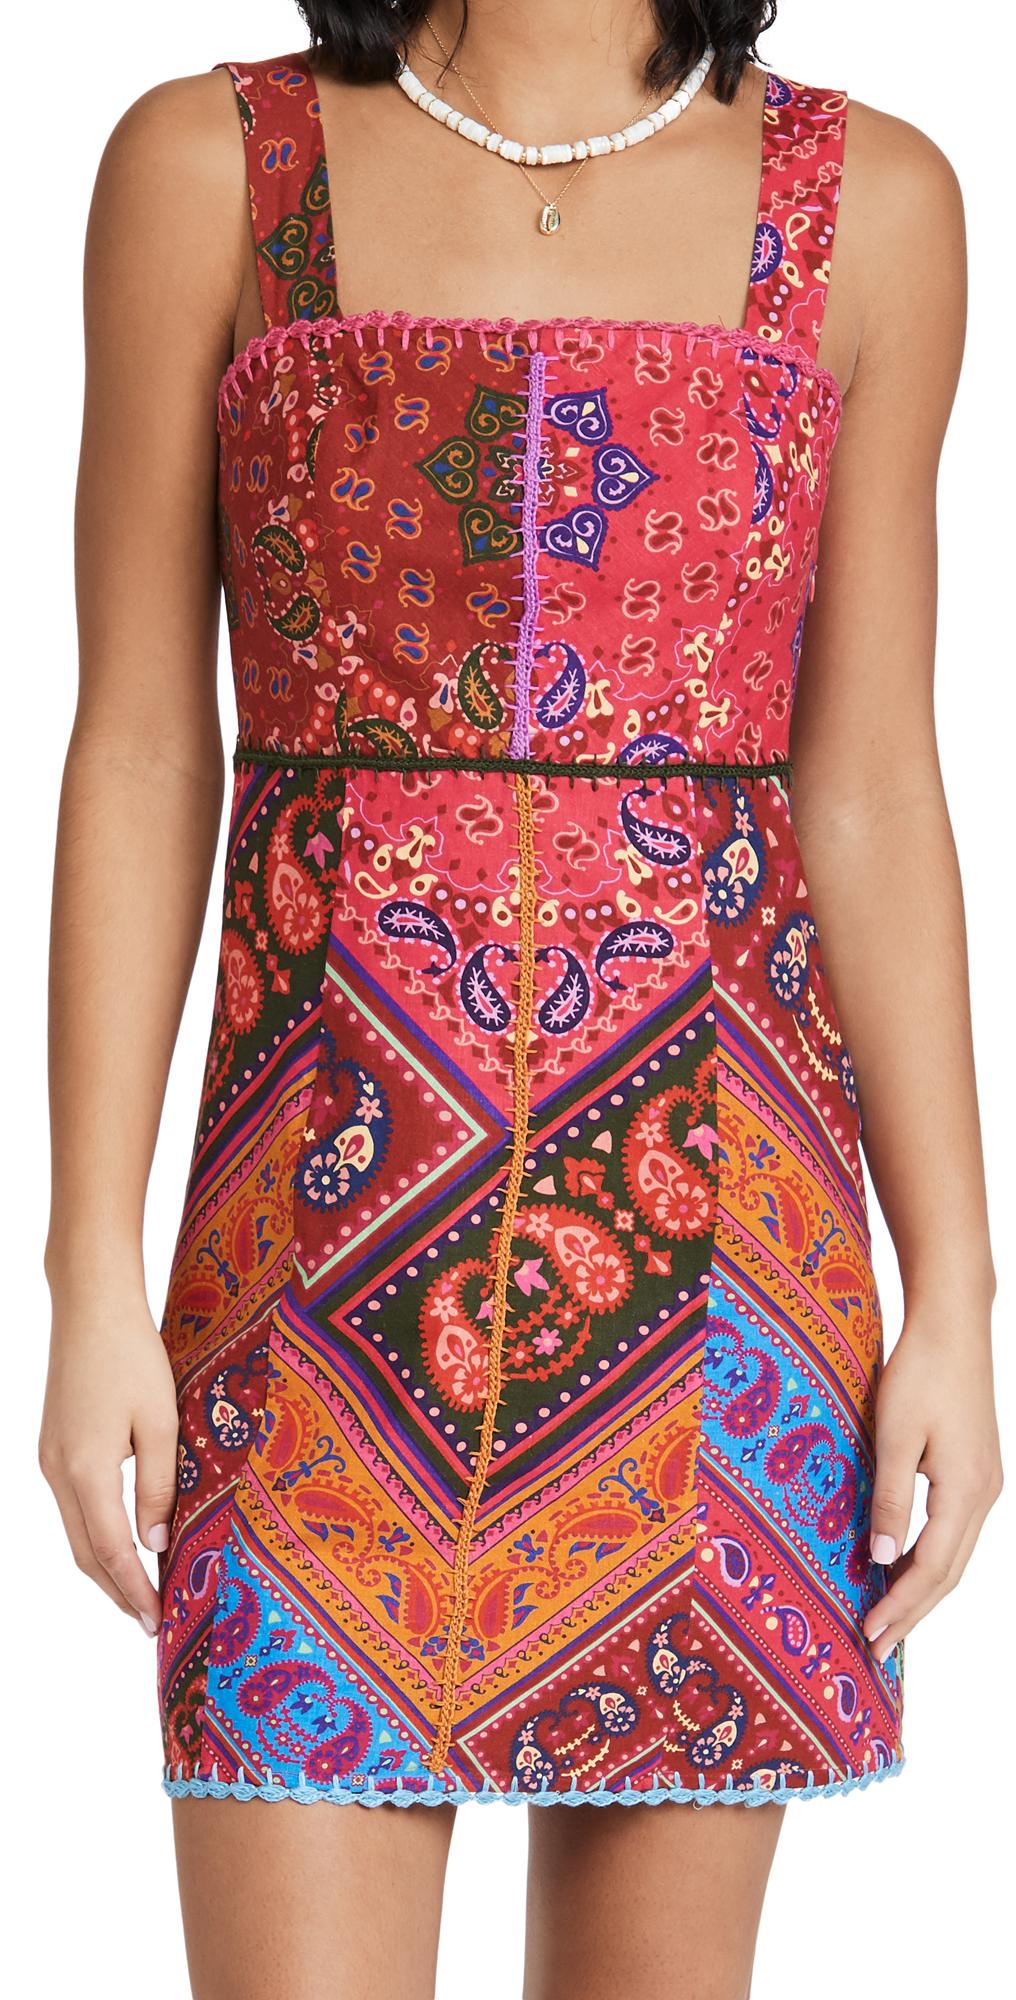 FARM Rio Colorful Bandana Mini Dress